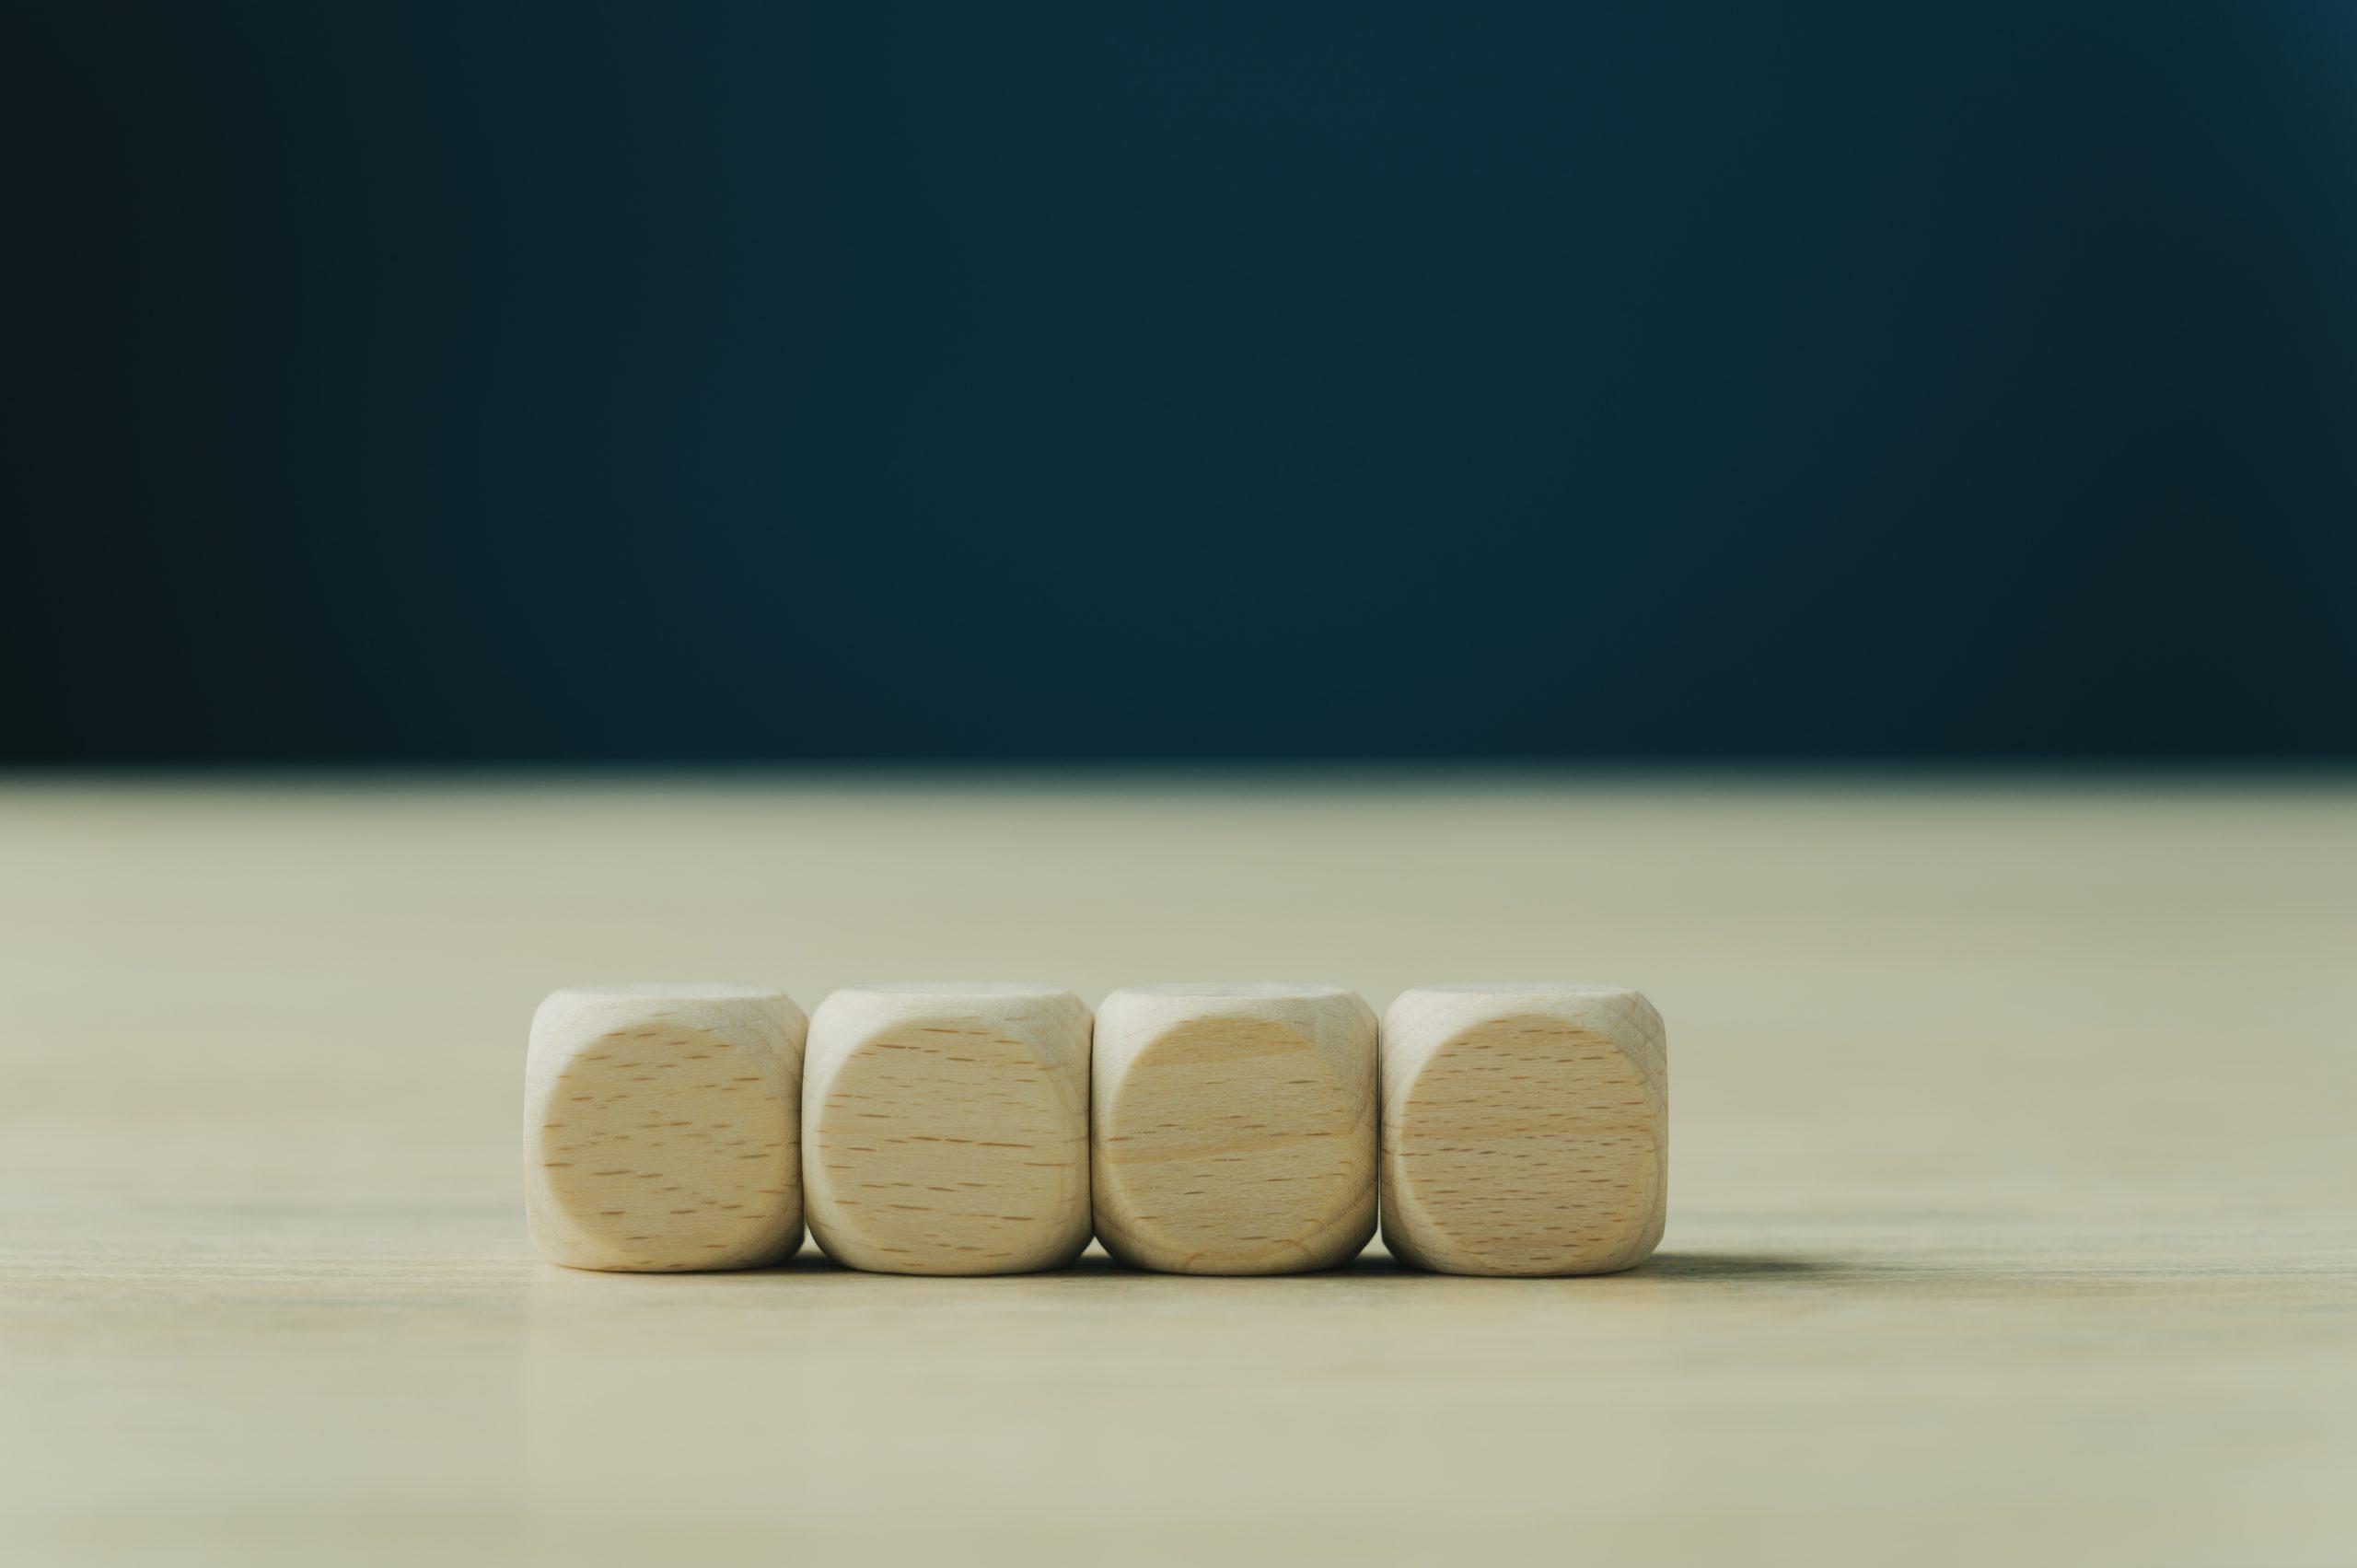 Fire blanke tre-terninger plassert ved siden av hverandre for å illustrere grunnmur